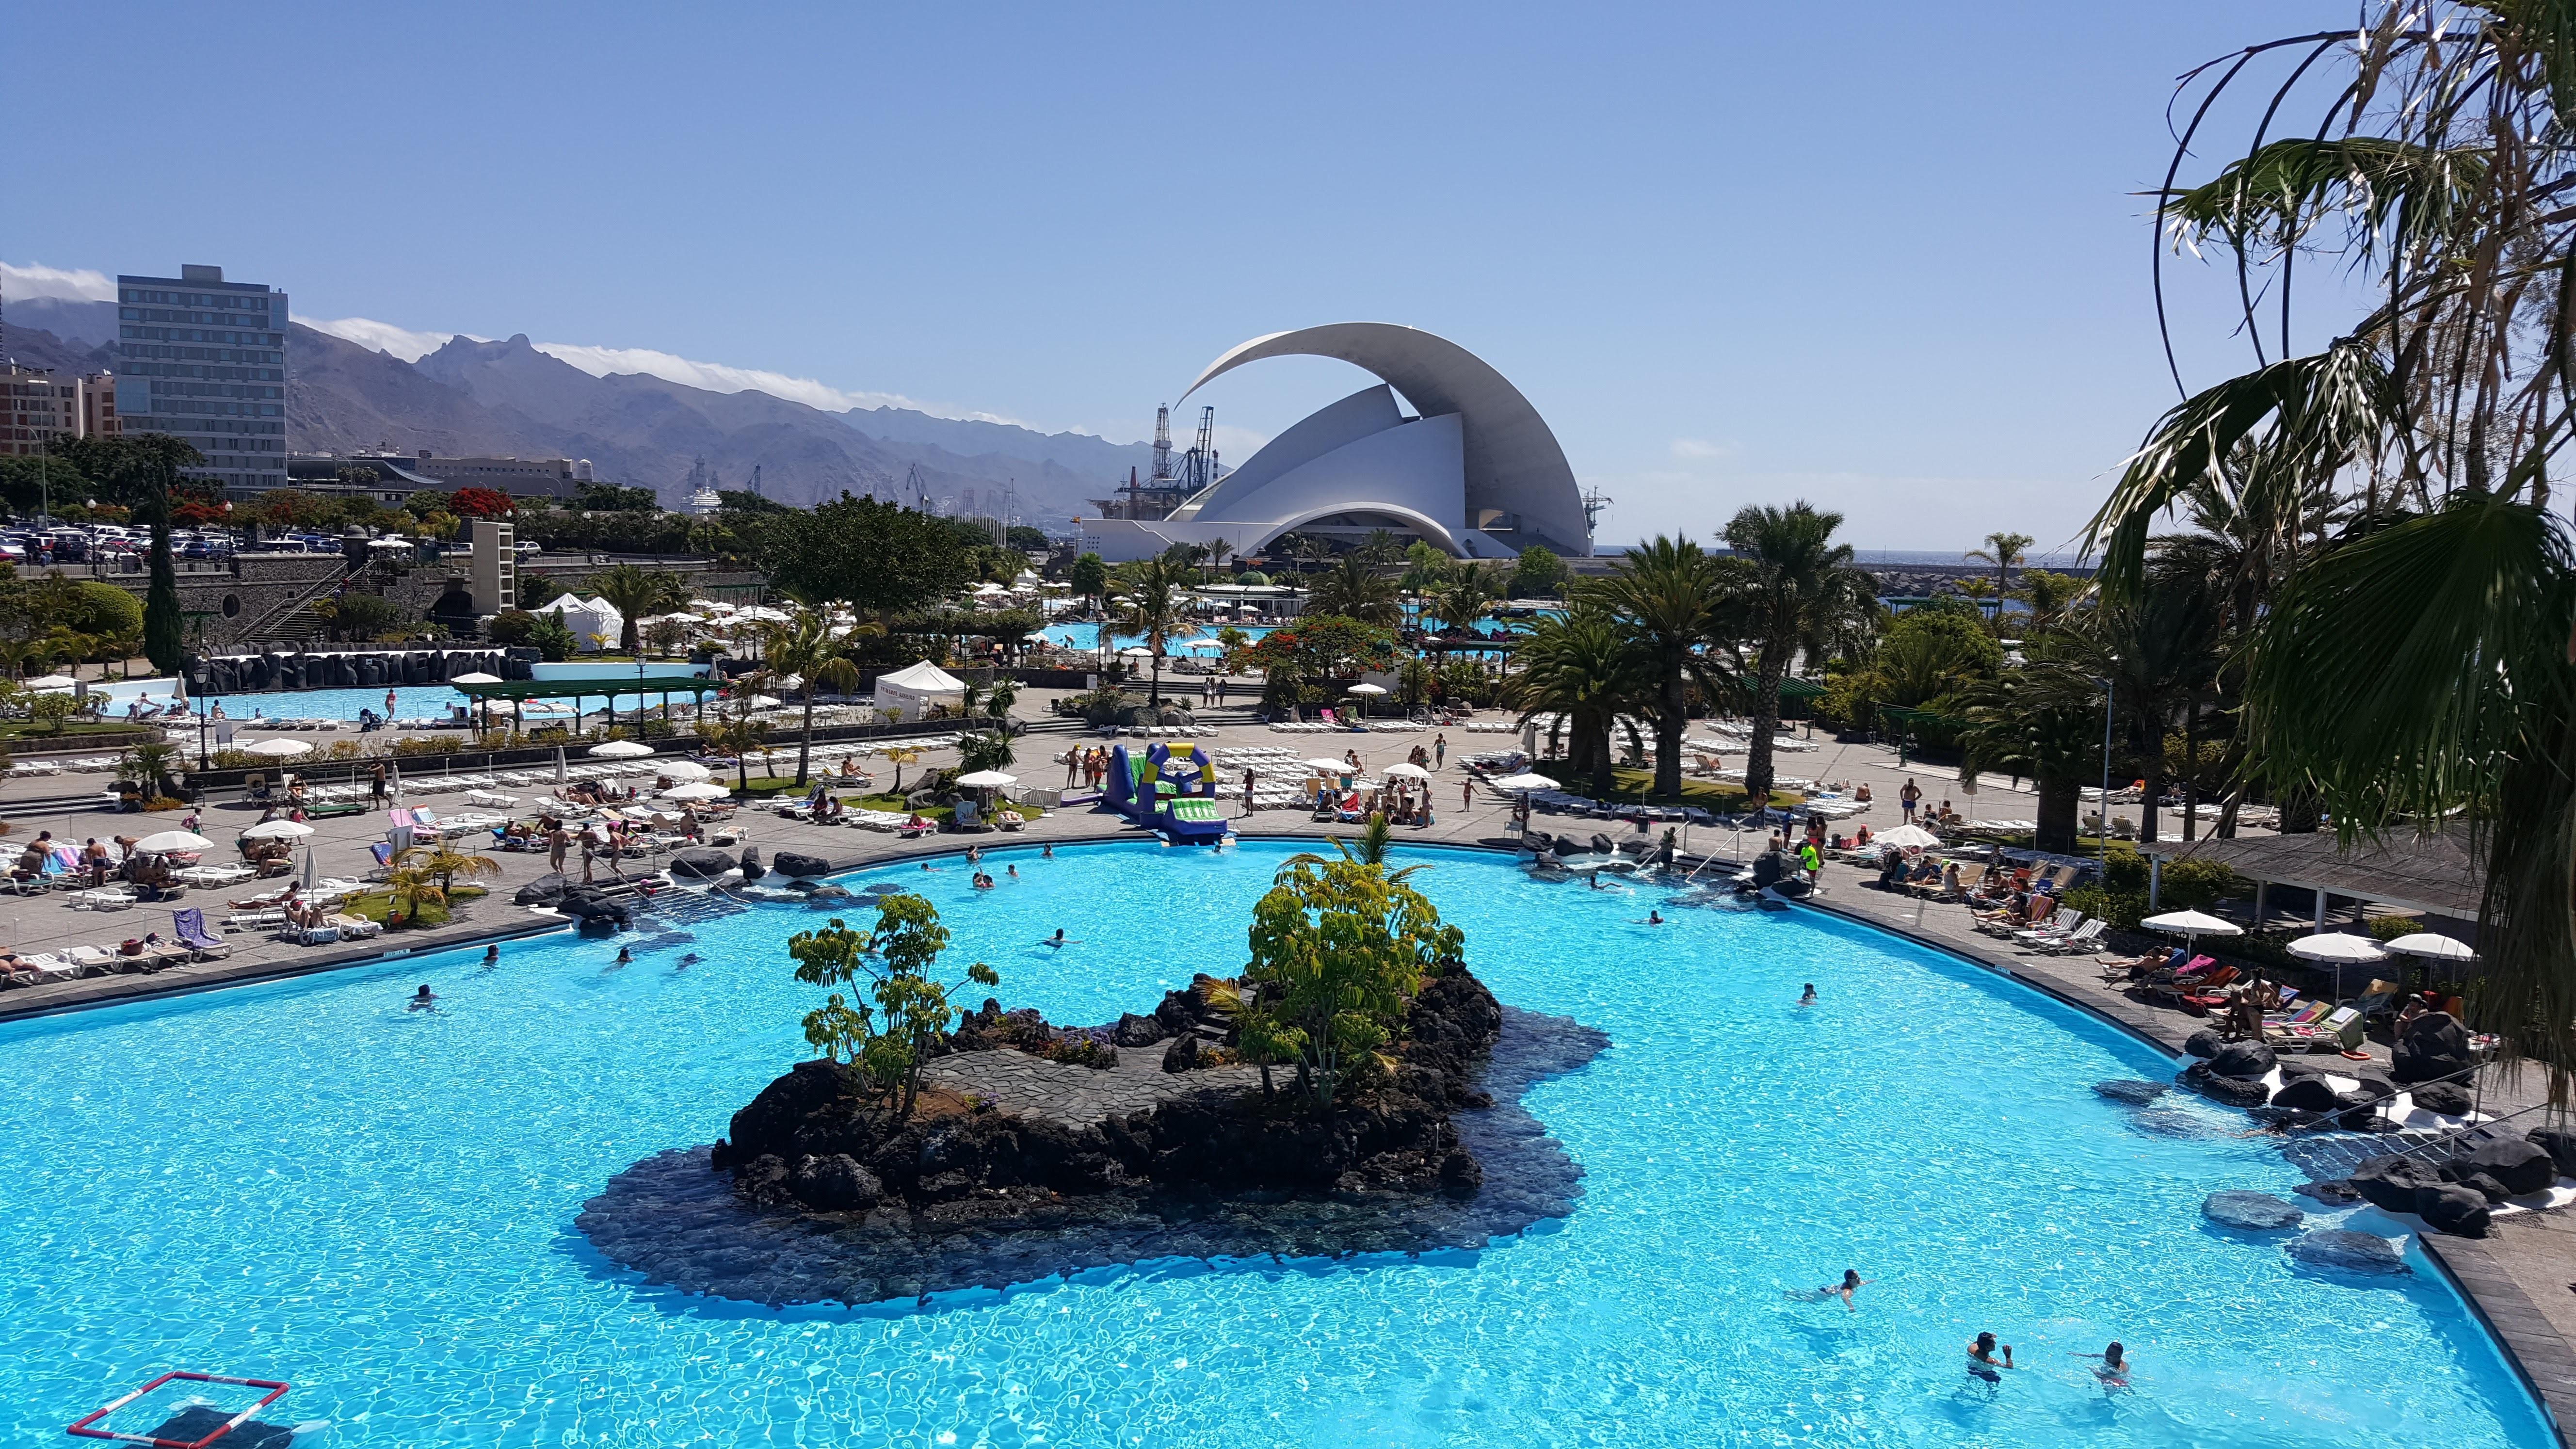 Fotos gratis sala parque de atracciones piscina ocio for Piscina santa cruz de tenerife